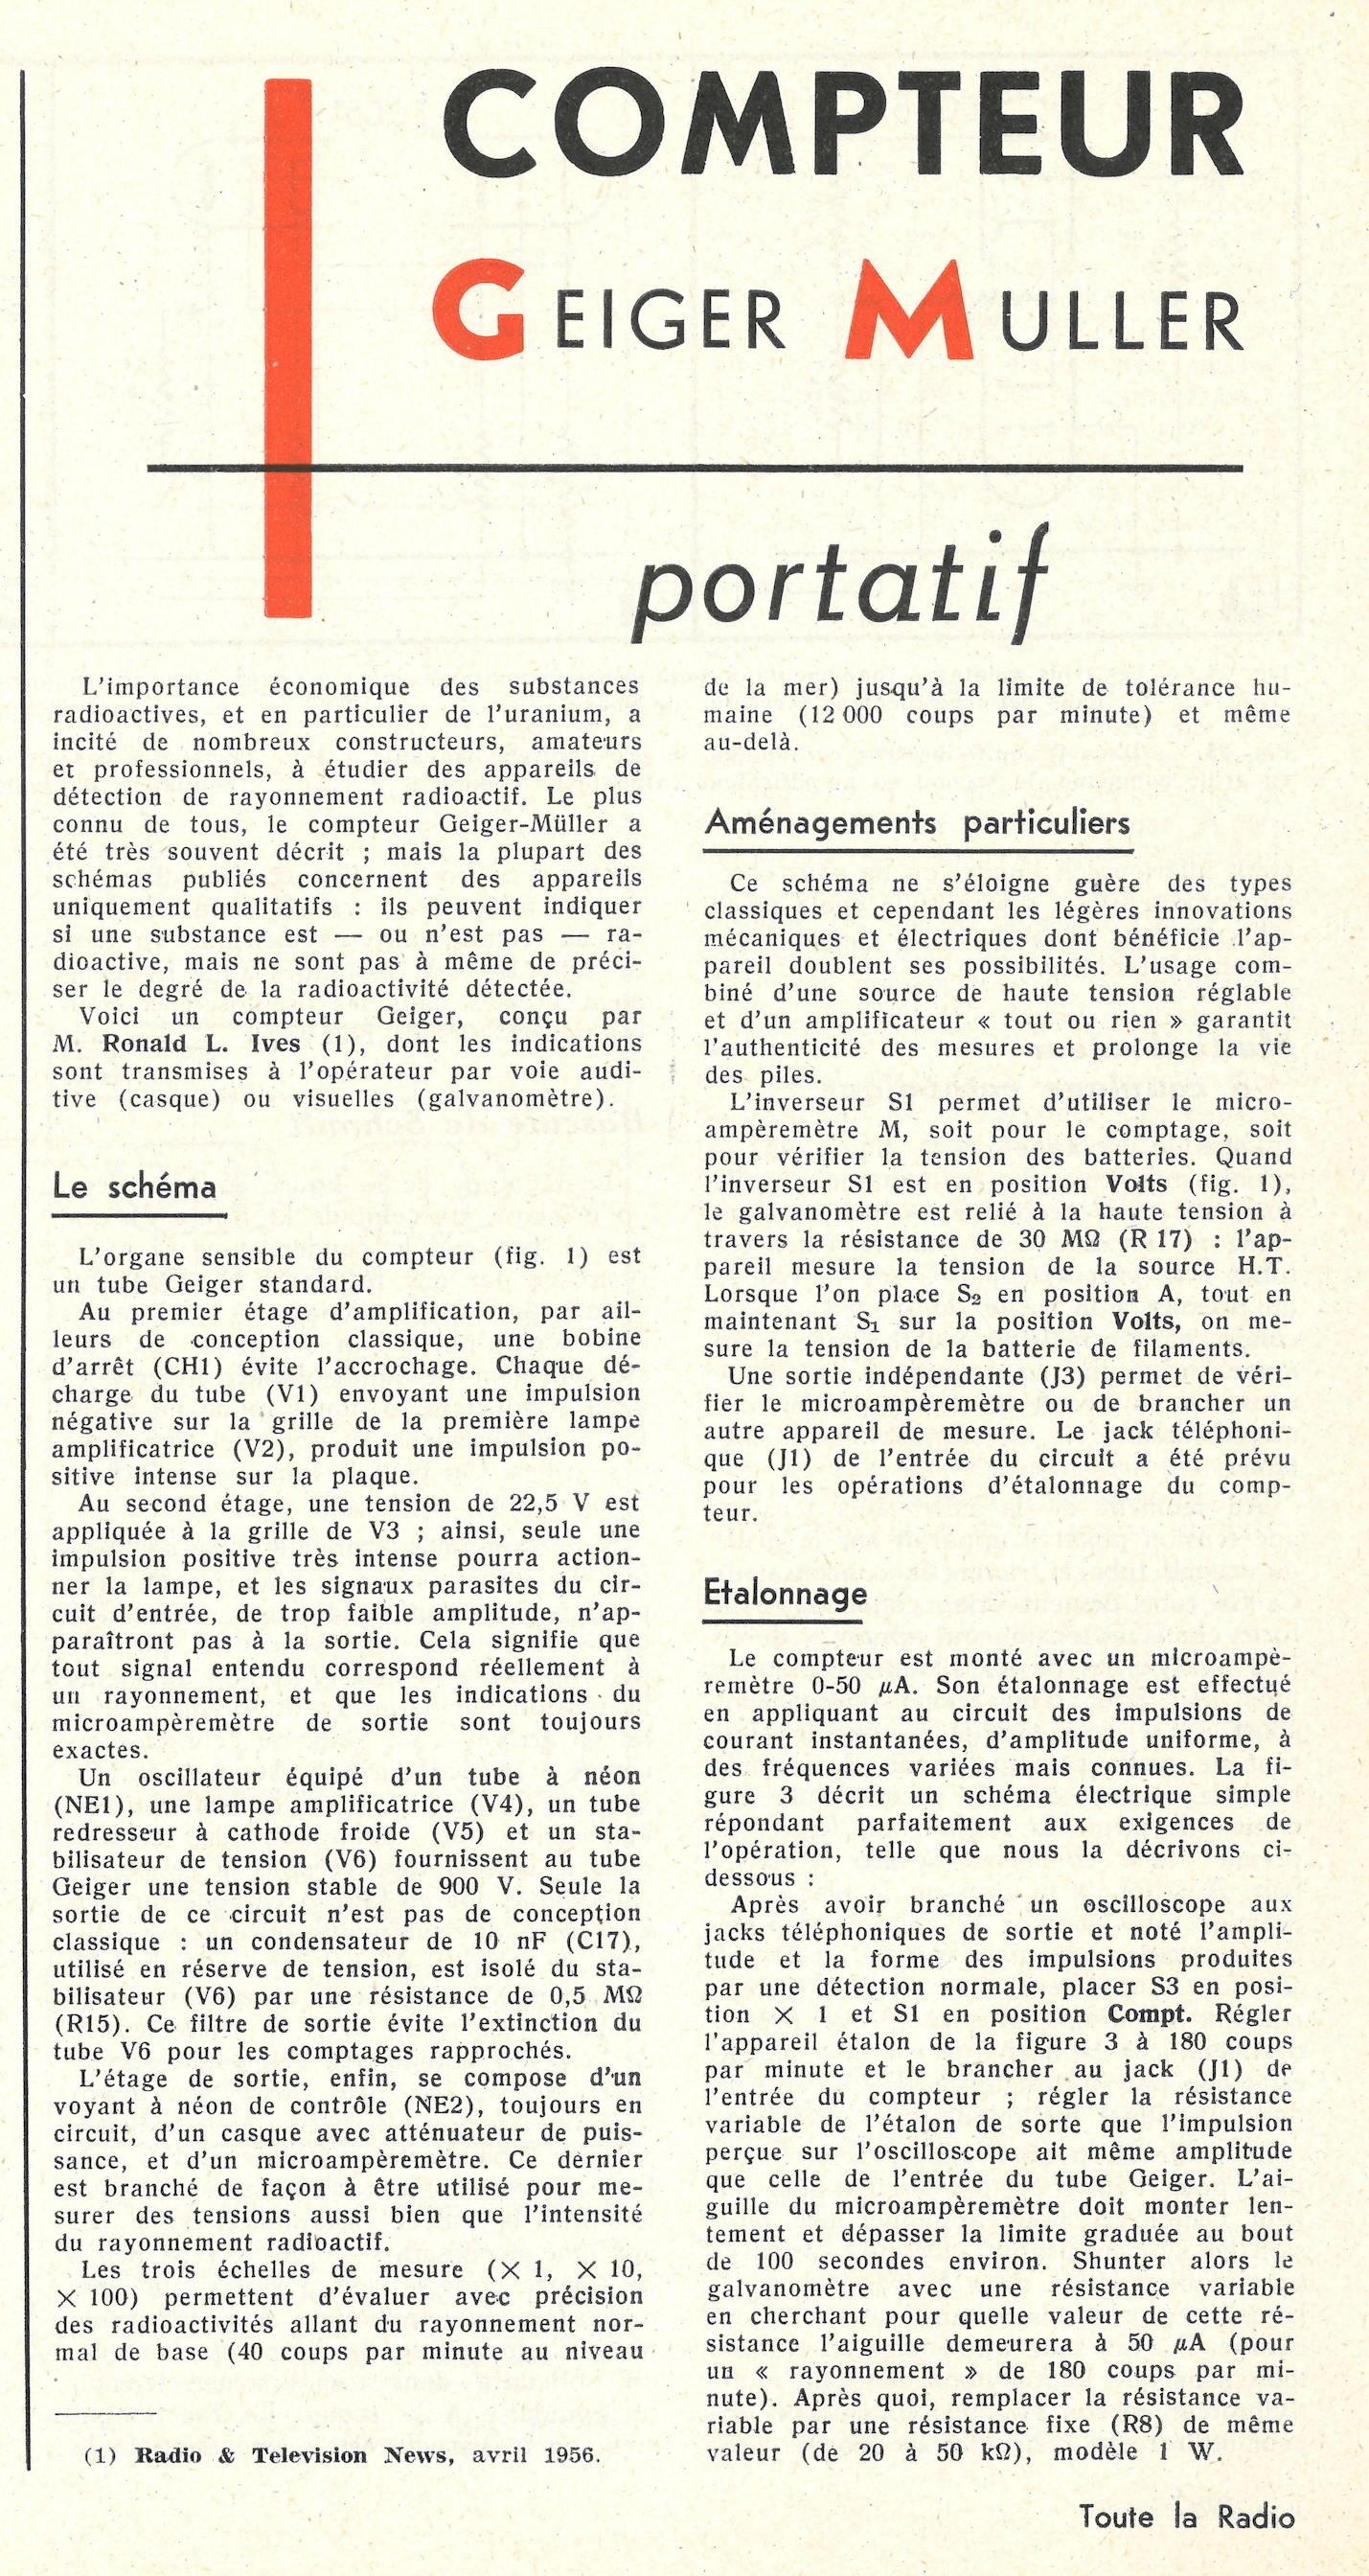 Compteur Geiger sur Leboncoin : Review, Recherches et Risque Radiologique Page_110